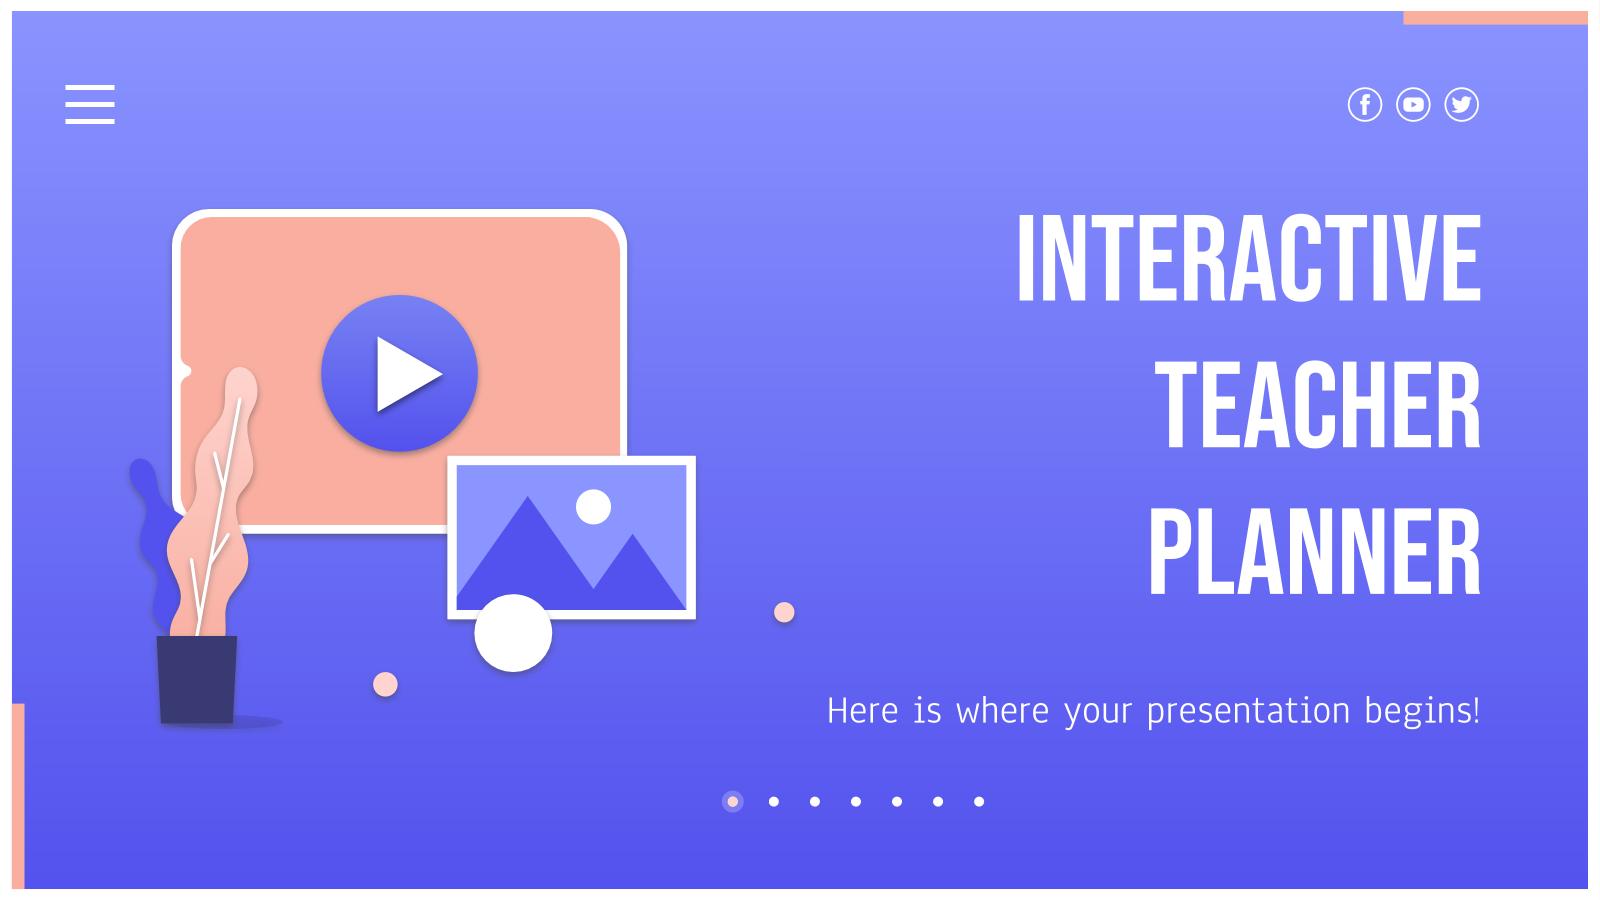 Plantilla de presentación Planificador de clases interactivo